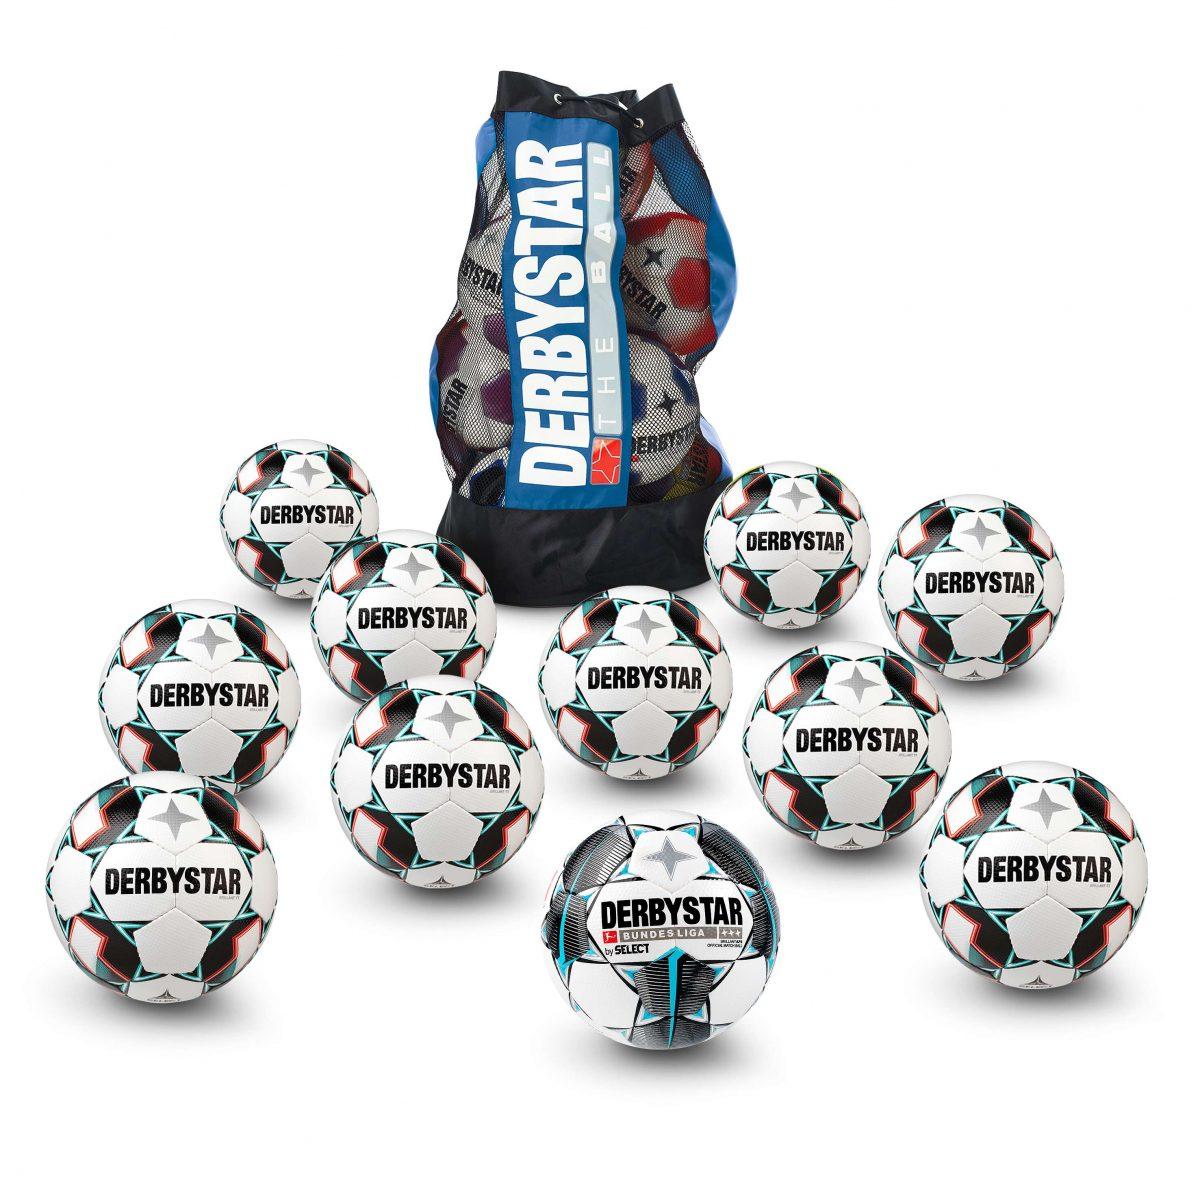 """Derbystar Fußball-Set """"Liga"""" - Bälle - Derbystar"""